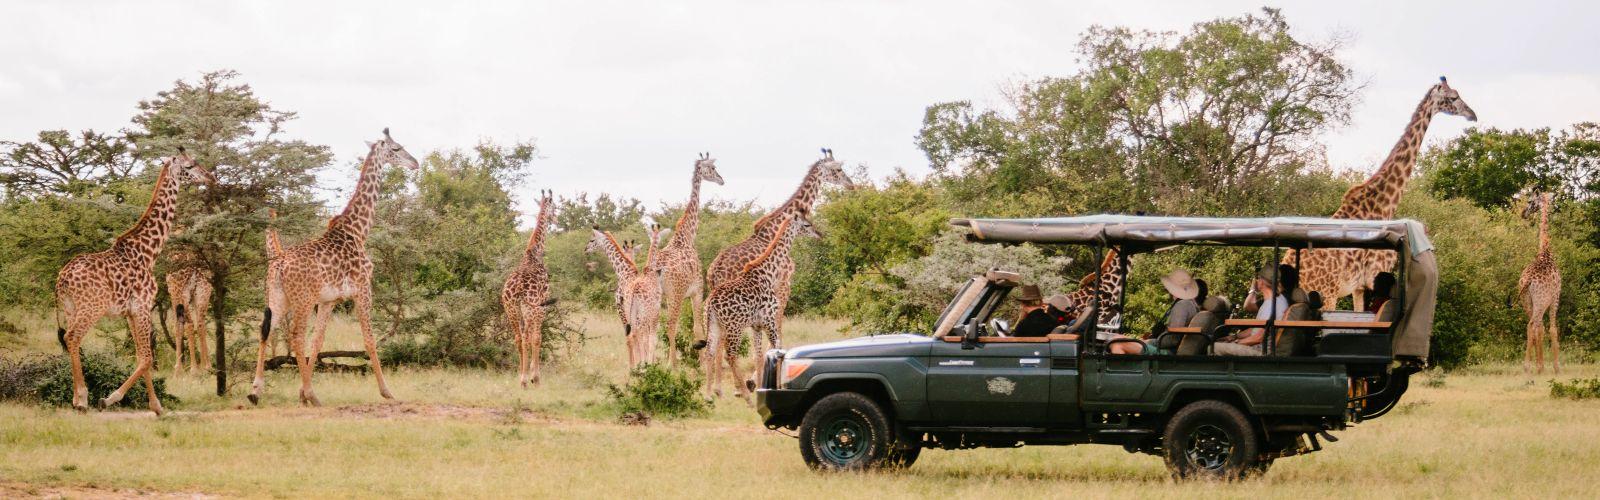 Safari\'s in Tanzania